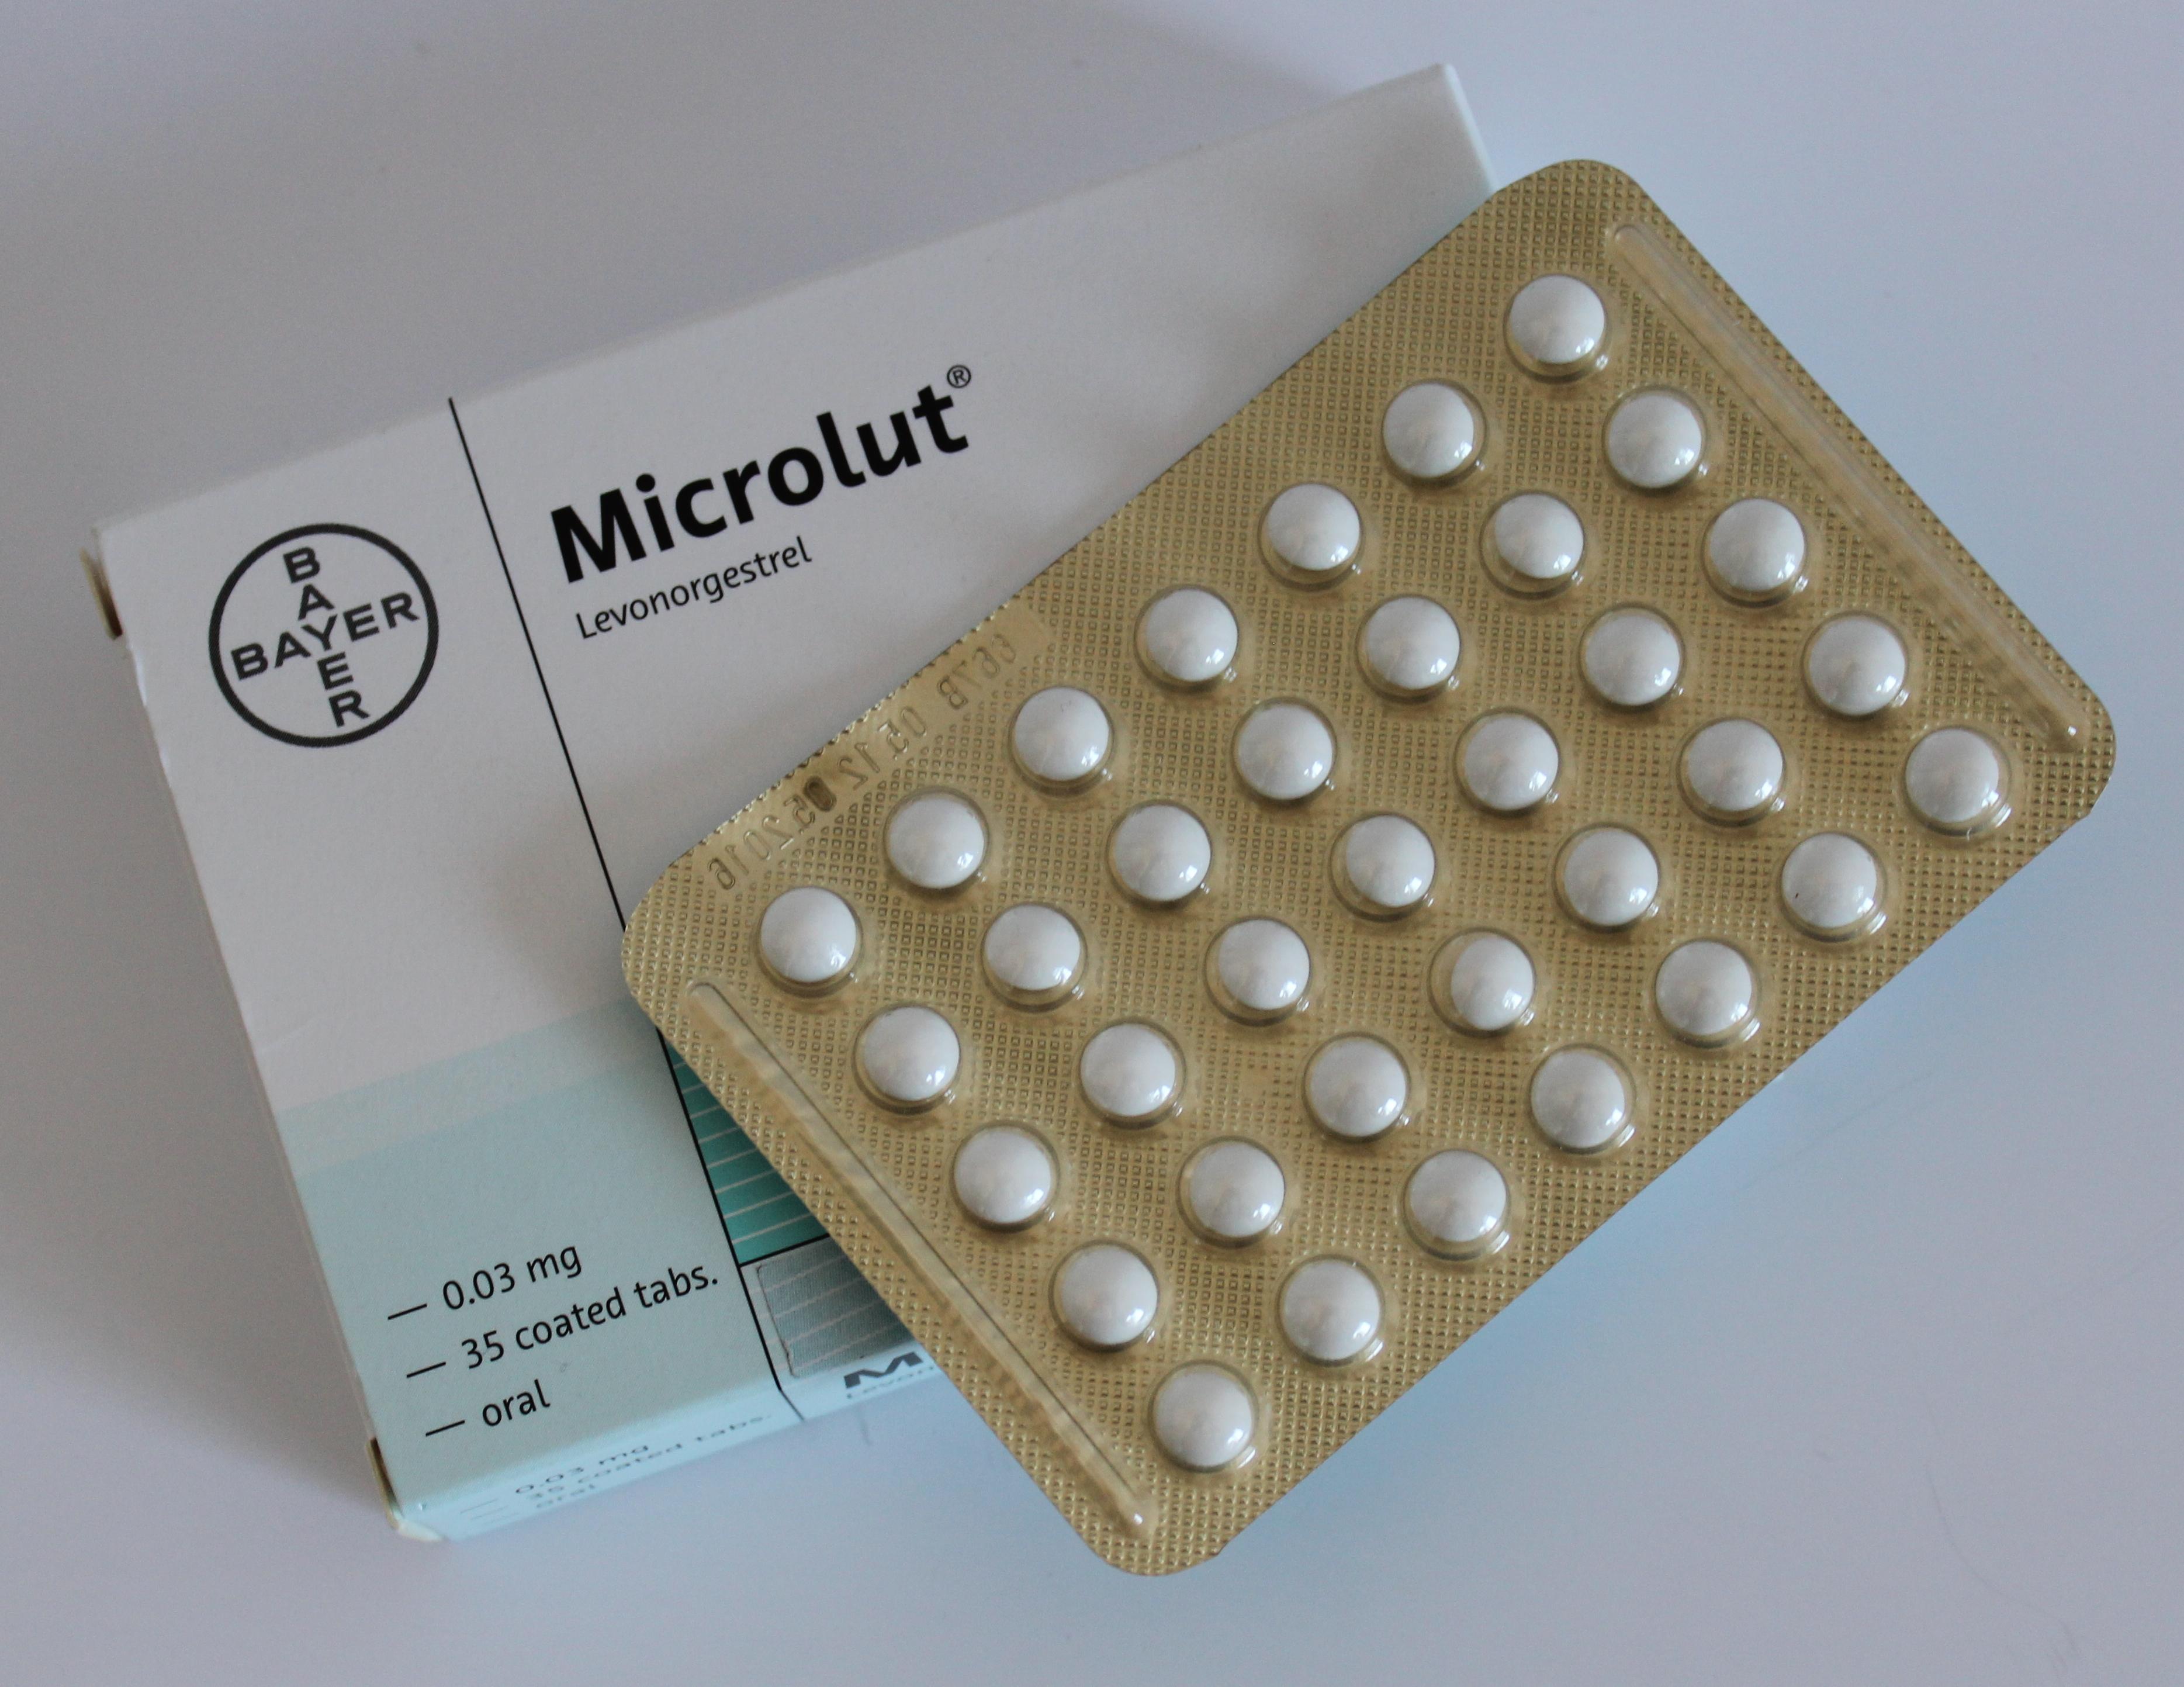 حبوب منع الحمل ميكرولوت microlut | المرسال